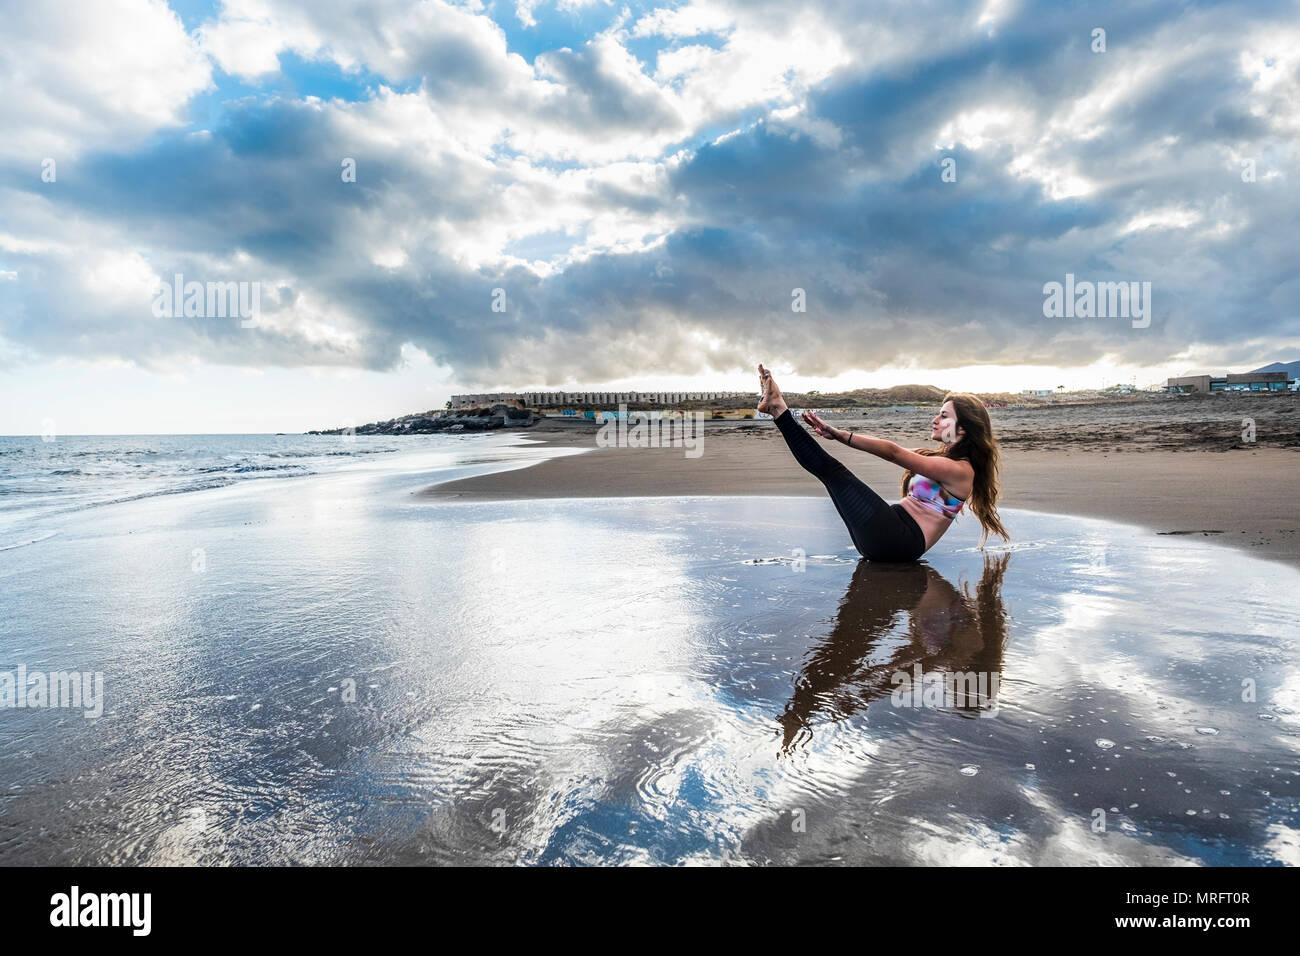 Pilates fitness um Körper in Ruhe und Aufenthalt für Junge kaukasier Frau am Ufer am Strand. malerische Bild für Körper Gesundheit Konzept. yo Stockbild